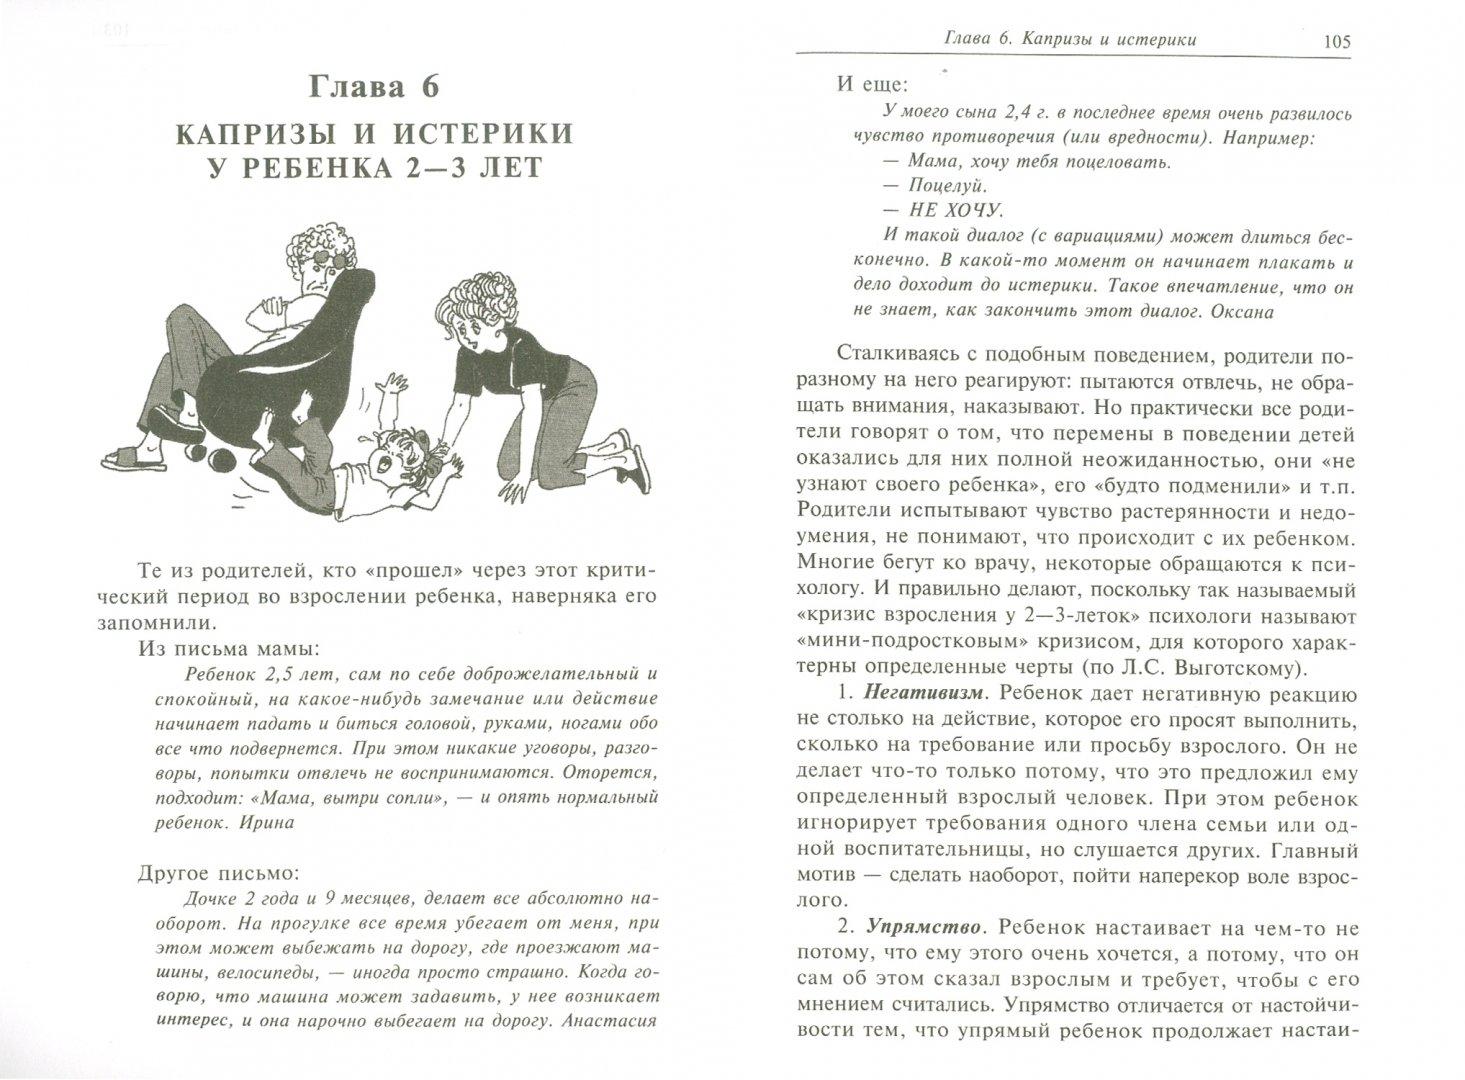 Иллюстрация 1 из 16 для Чего не стоит делать родителям, но что они все равно делают - Марина Зажигина   Лабиринт - книги. Источник: Лабиринт